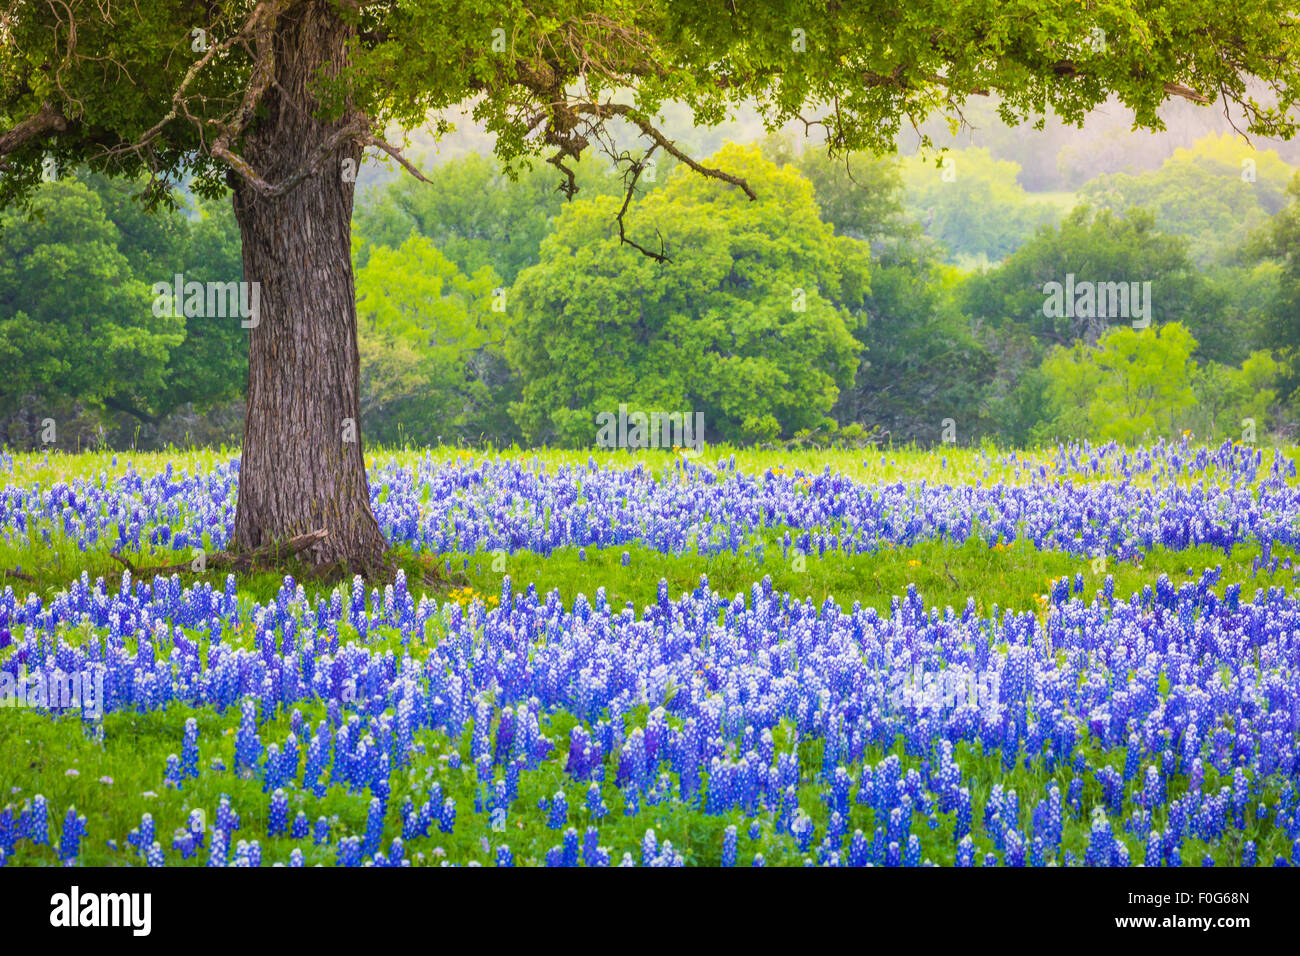 Bluebonnet field underneath an oak tree near Llano, Texas - Stock Image